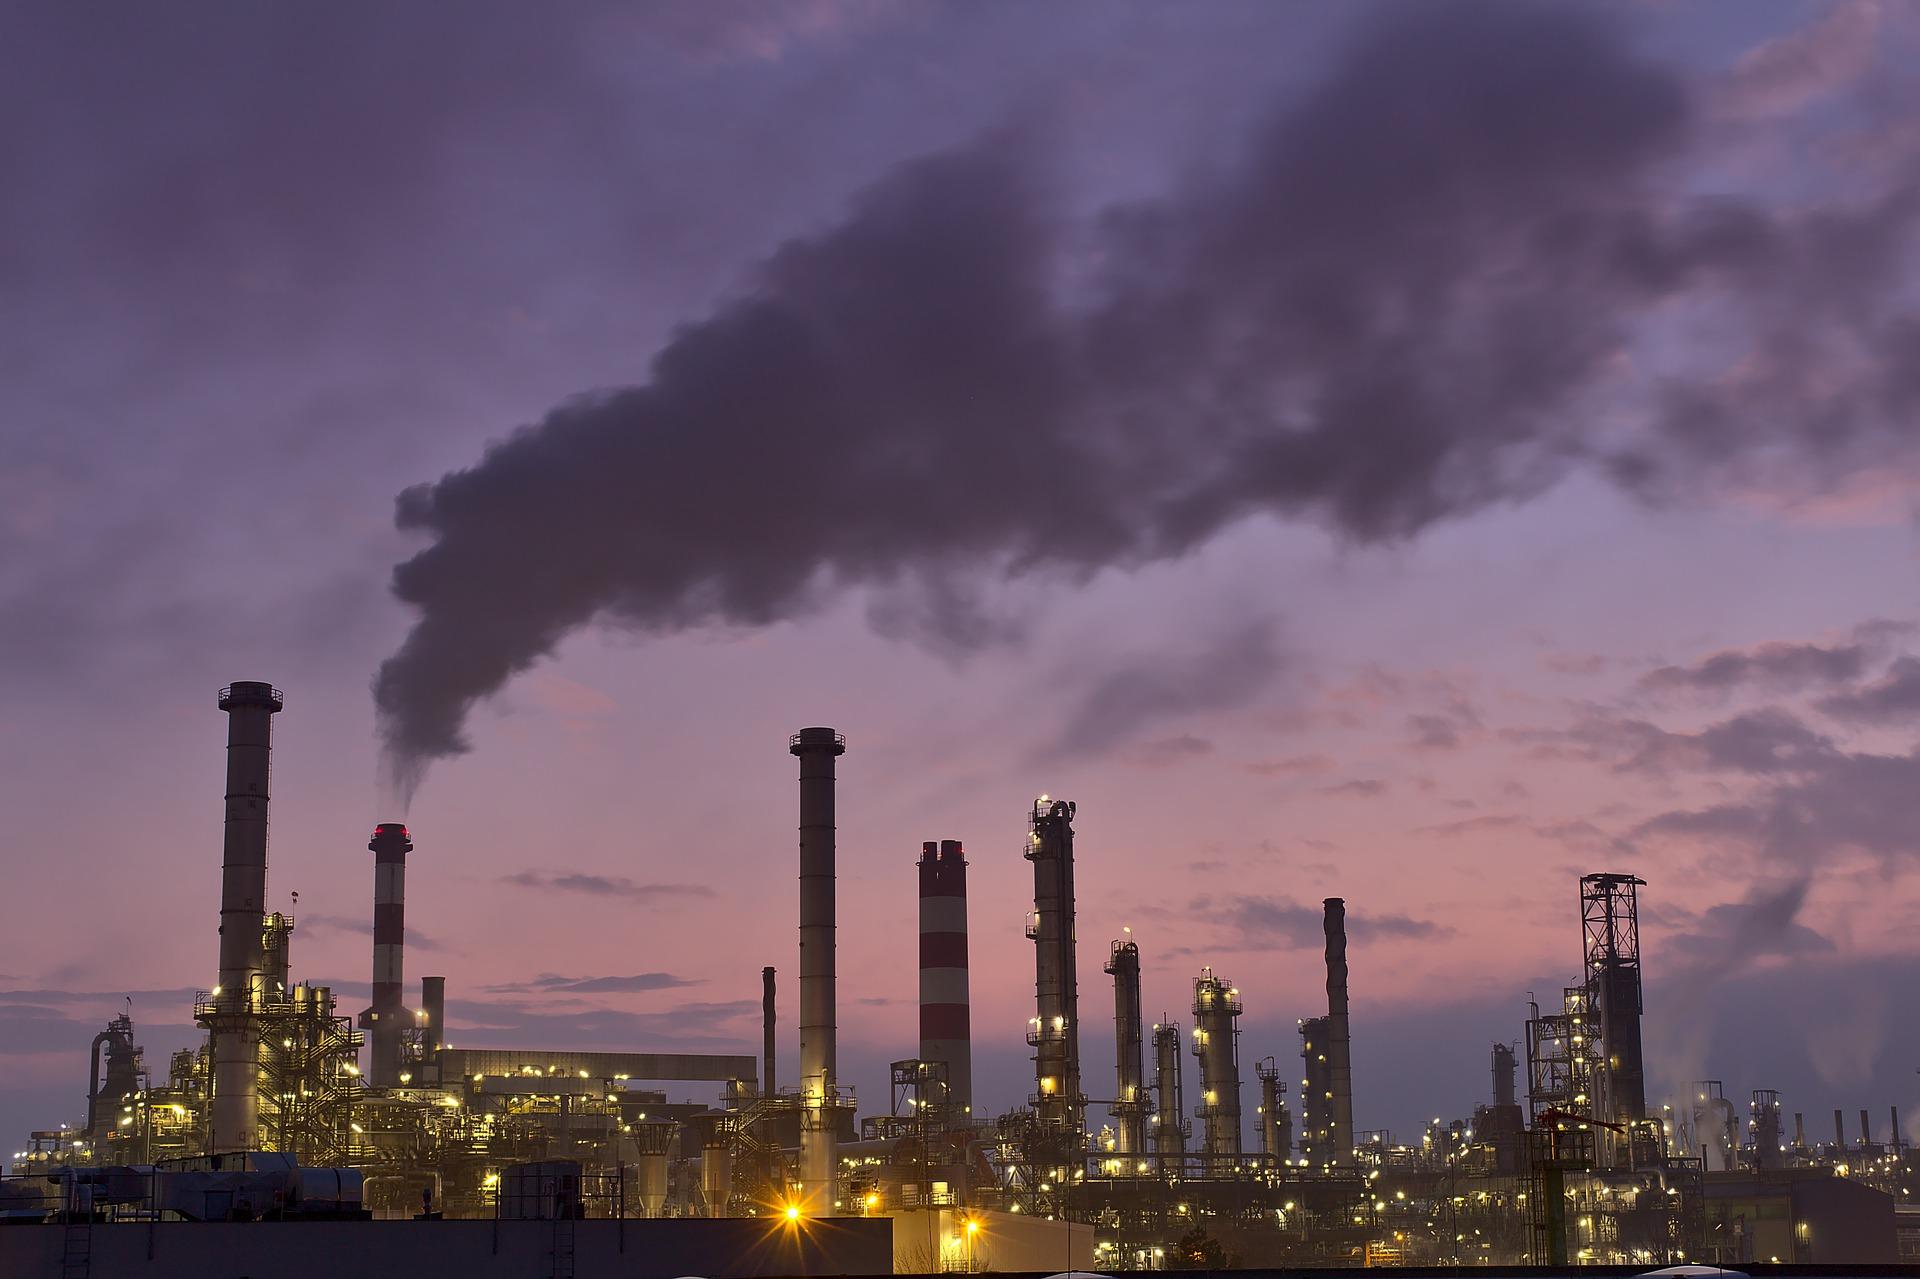 """Die Ölkonzerne haben den """"Kohlenstoff-Fußabdruck"""" erfunden, um uns für ihre Gier verantwortlich zu machen"""